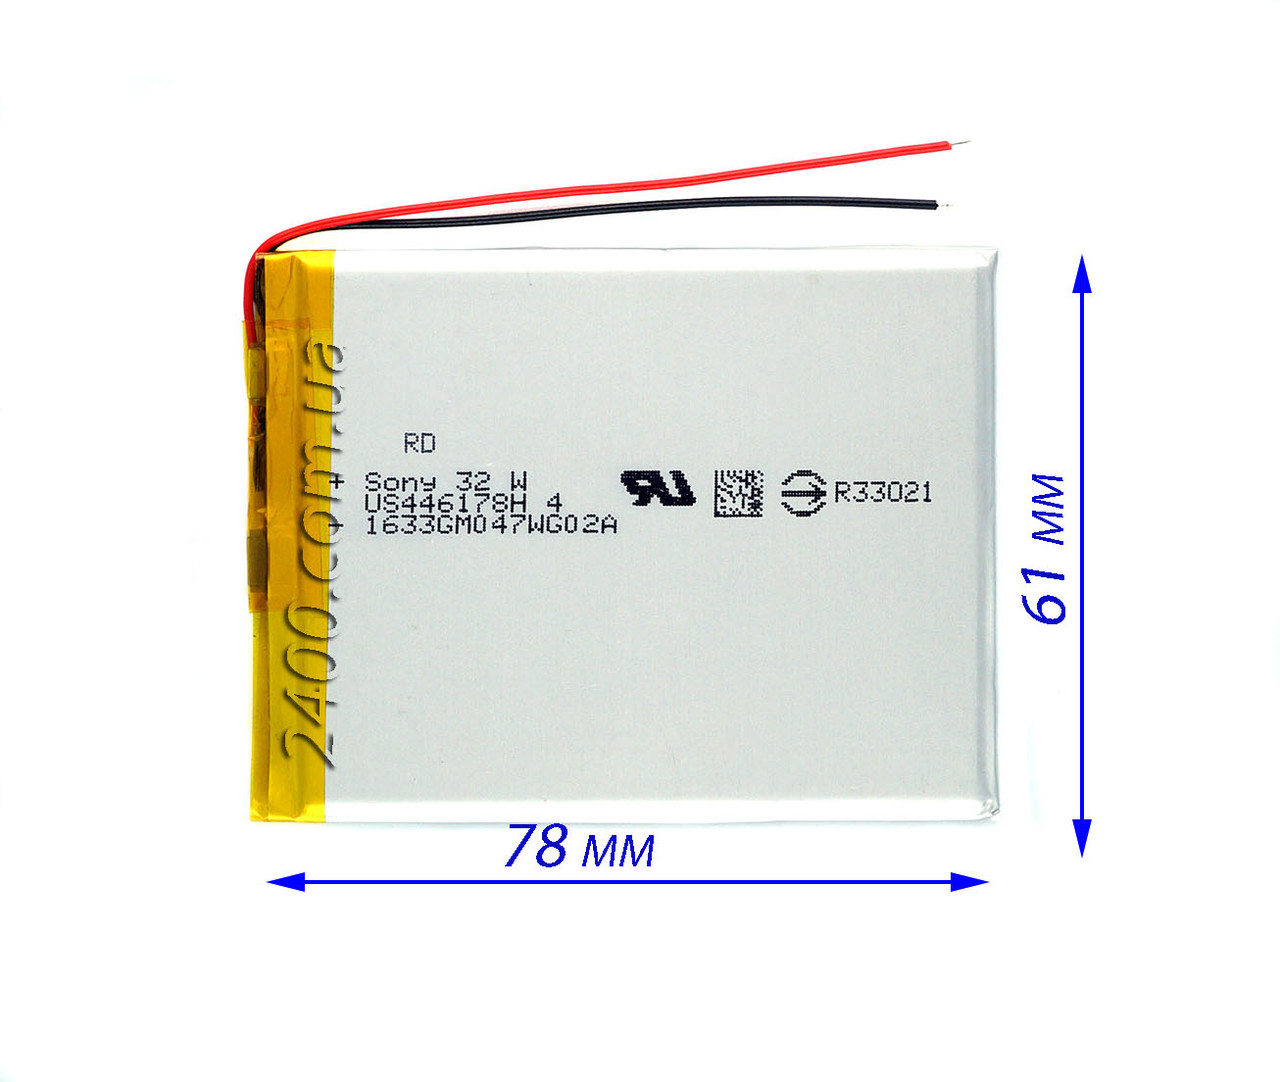 Якісний Акумулятор для Планшетів (Батарея) 2800mAh/маг Bravis, Nomi, X-Digital Табуляції, Jeka, ImPAD 3.7 v